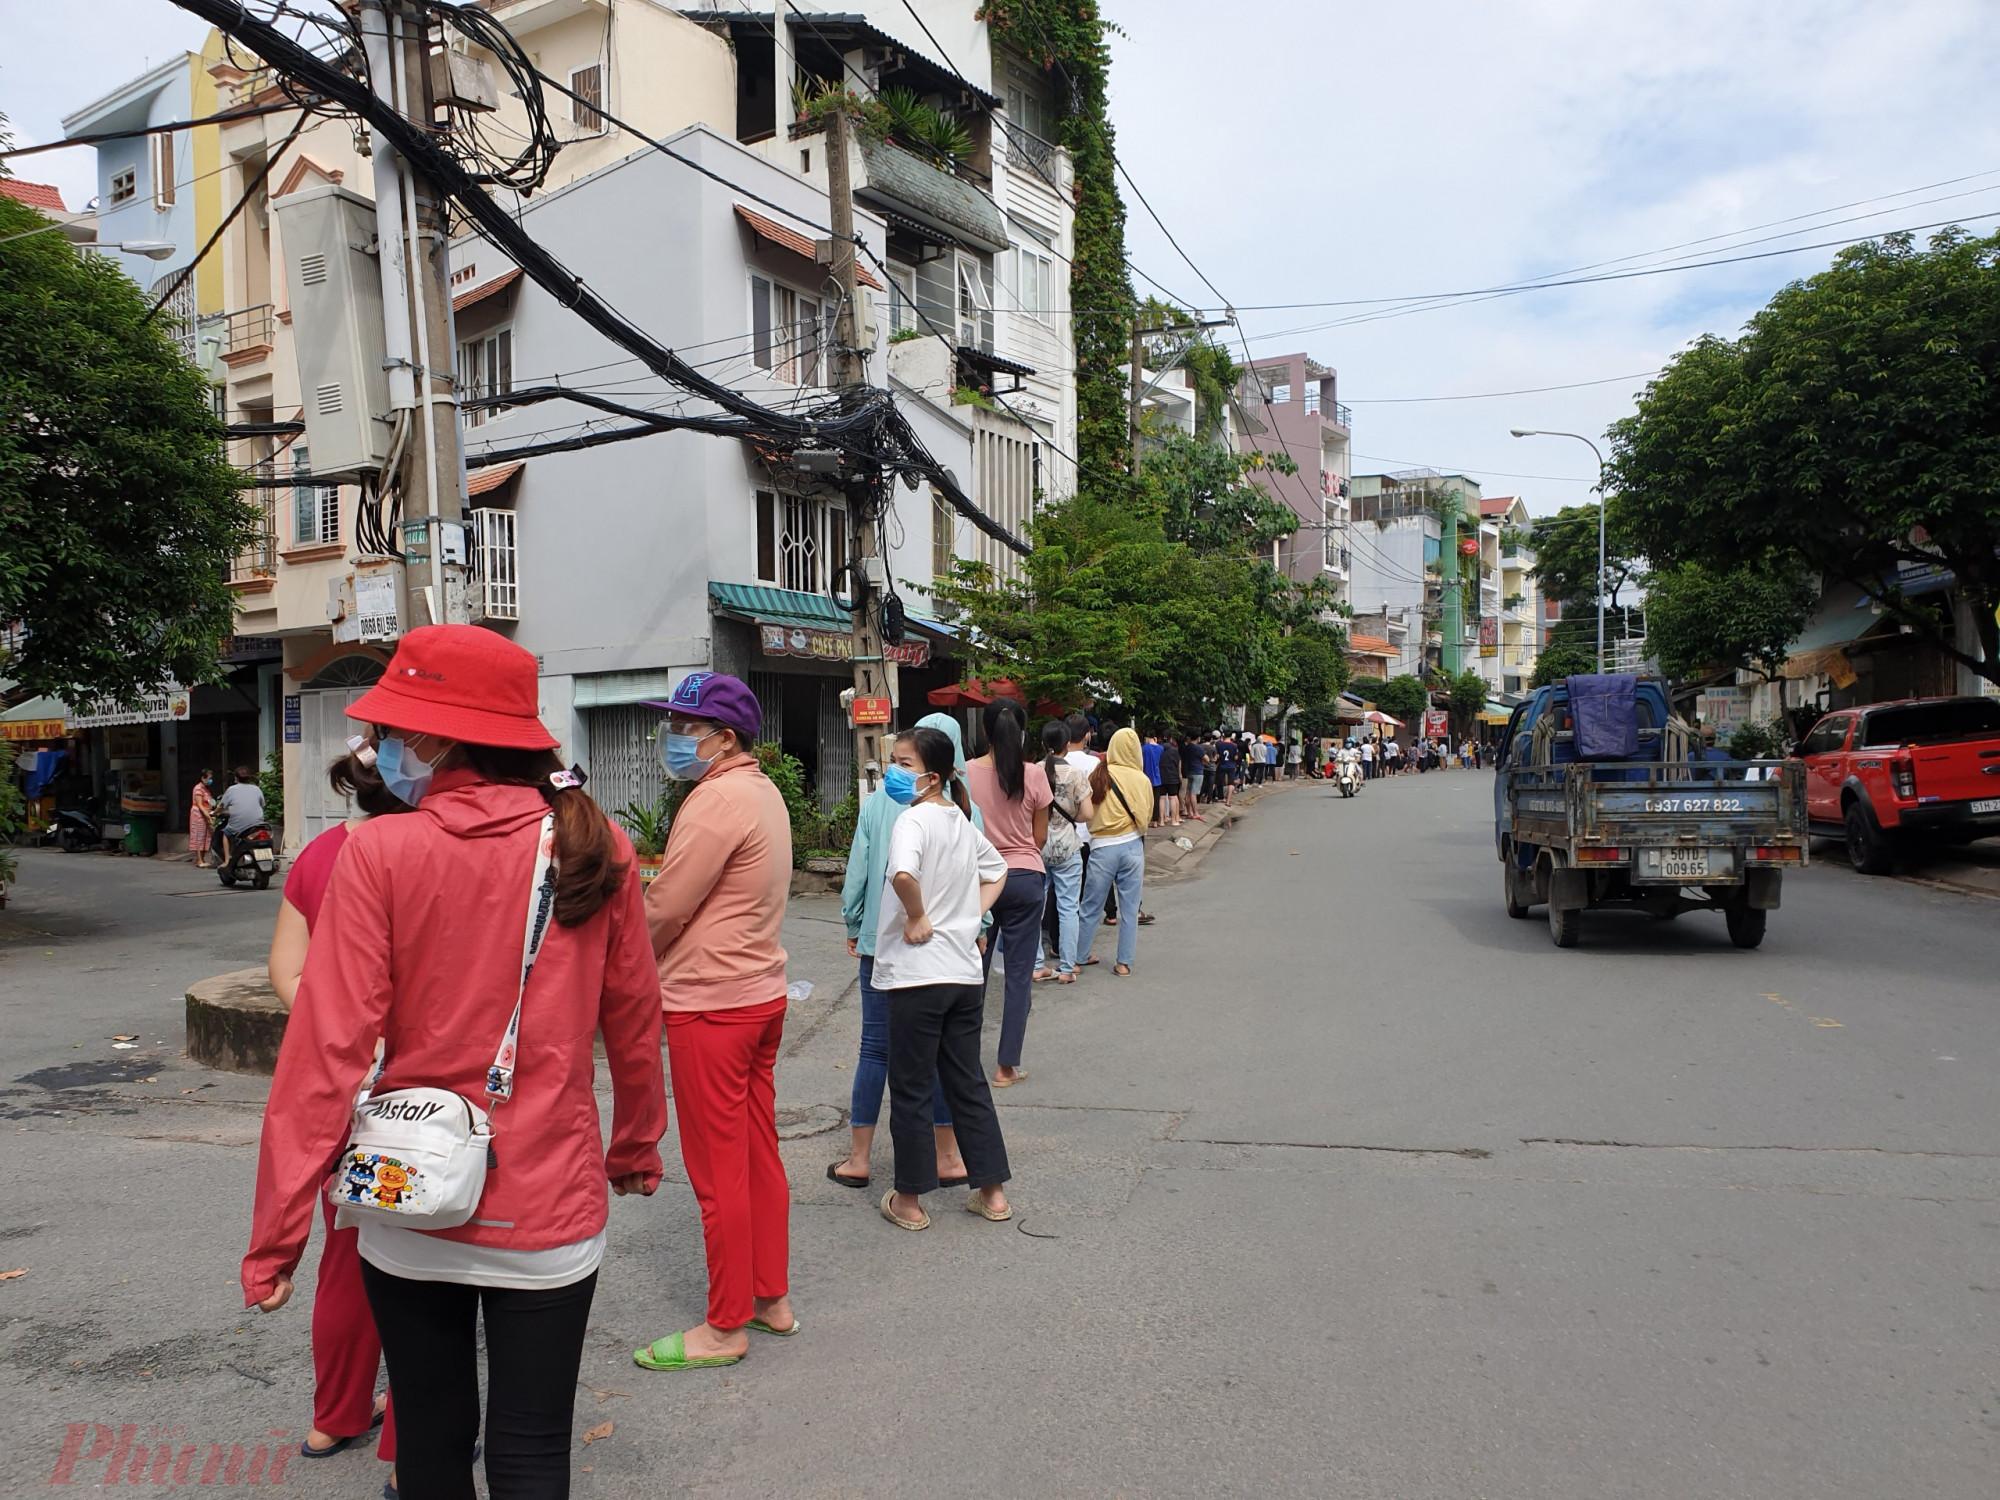 Hơn 6g sáng, người dân xếp hàng dài hơn cả cây số ở điểm tiêm tại quận Tân Bình